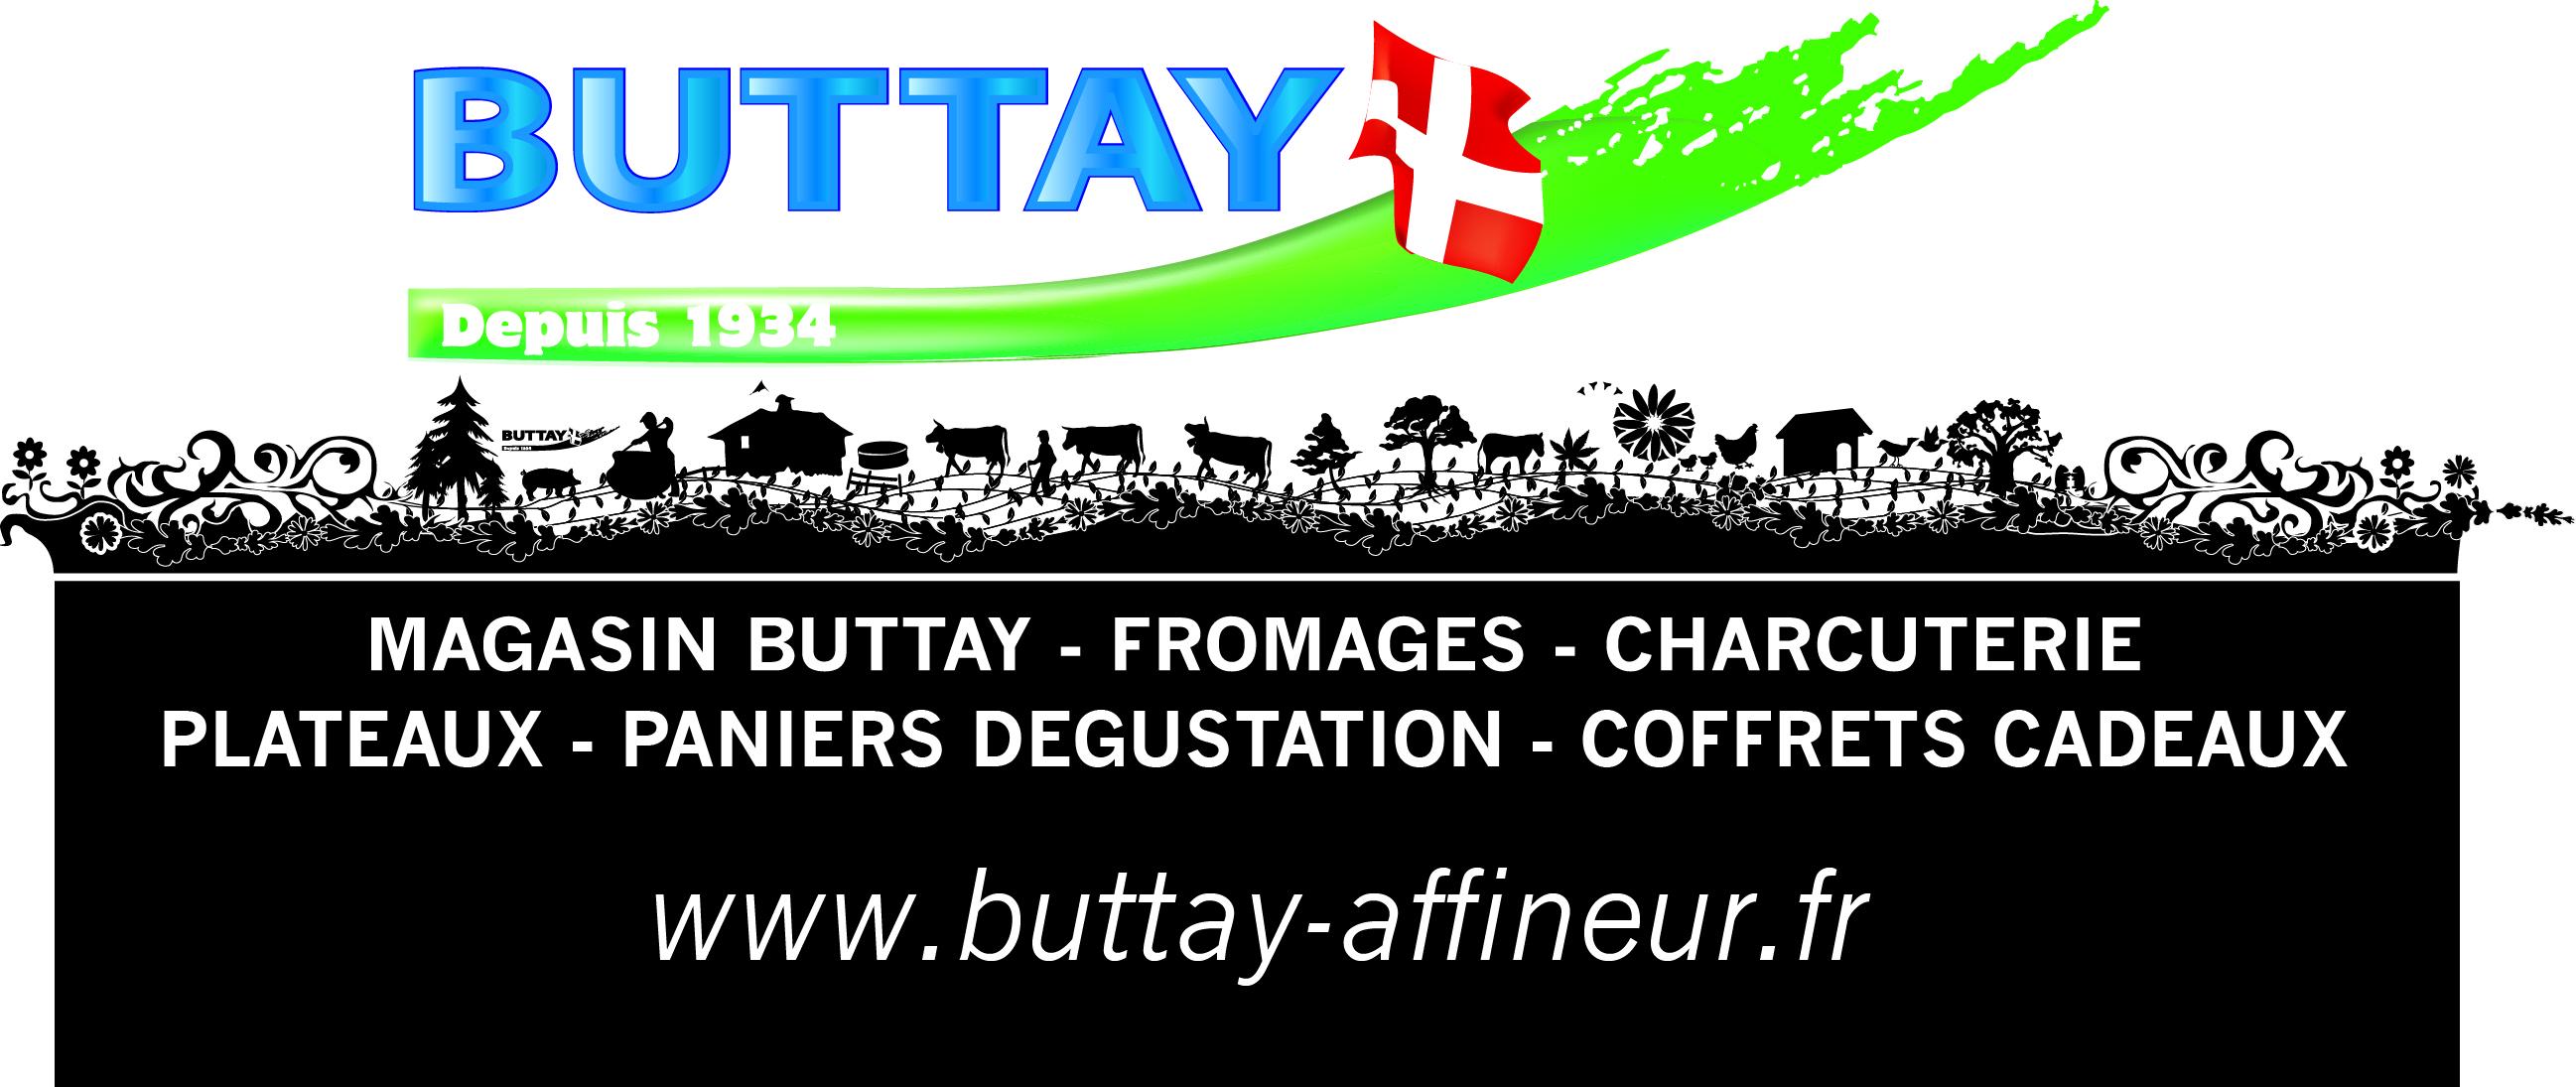 buttay